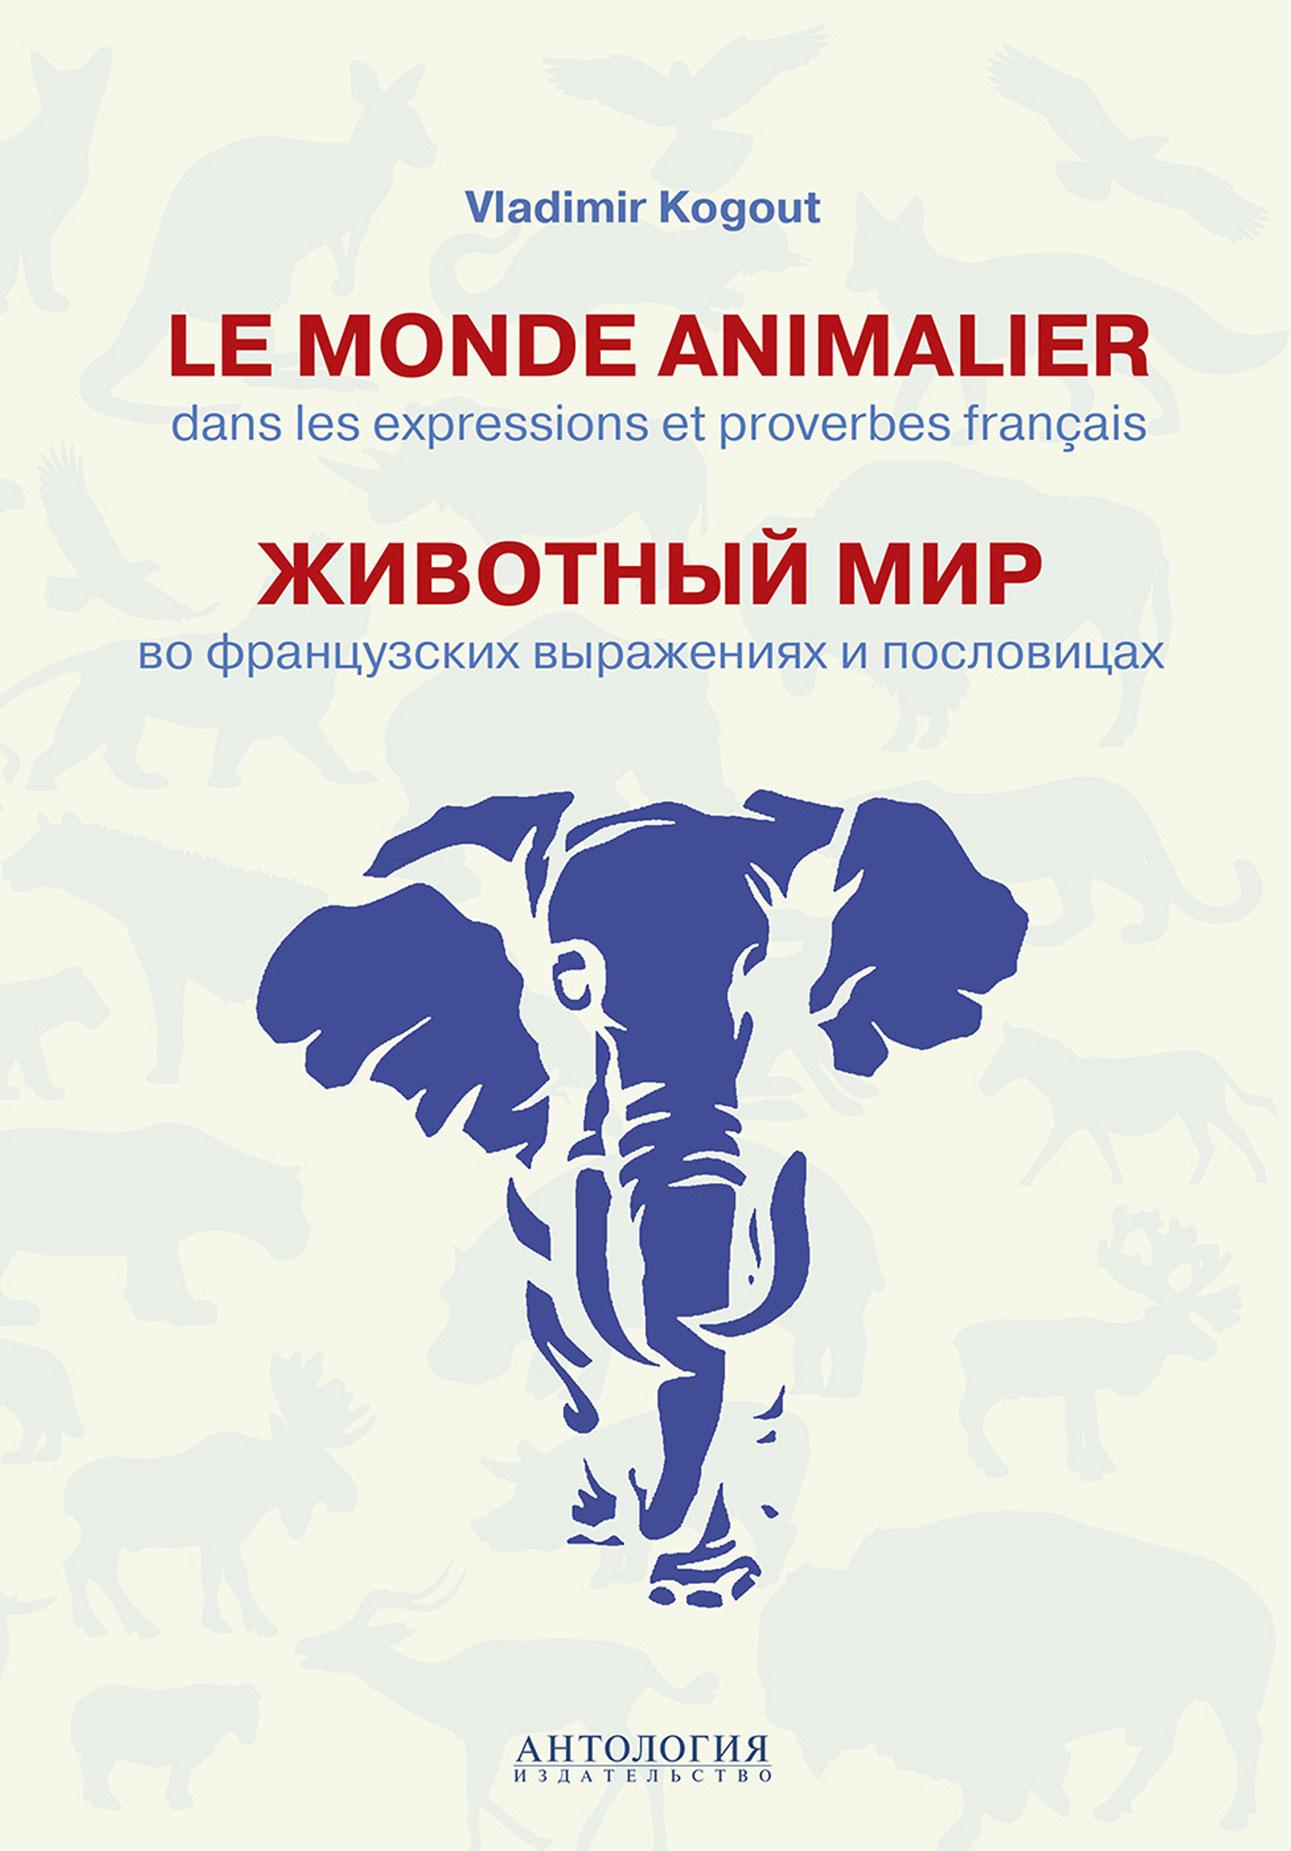 Le monde animalier dans les expressions et proverbes francais = Животный мир во французских выражениях и пословицах